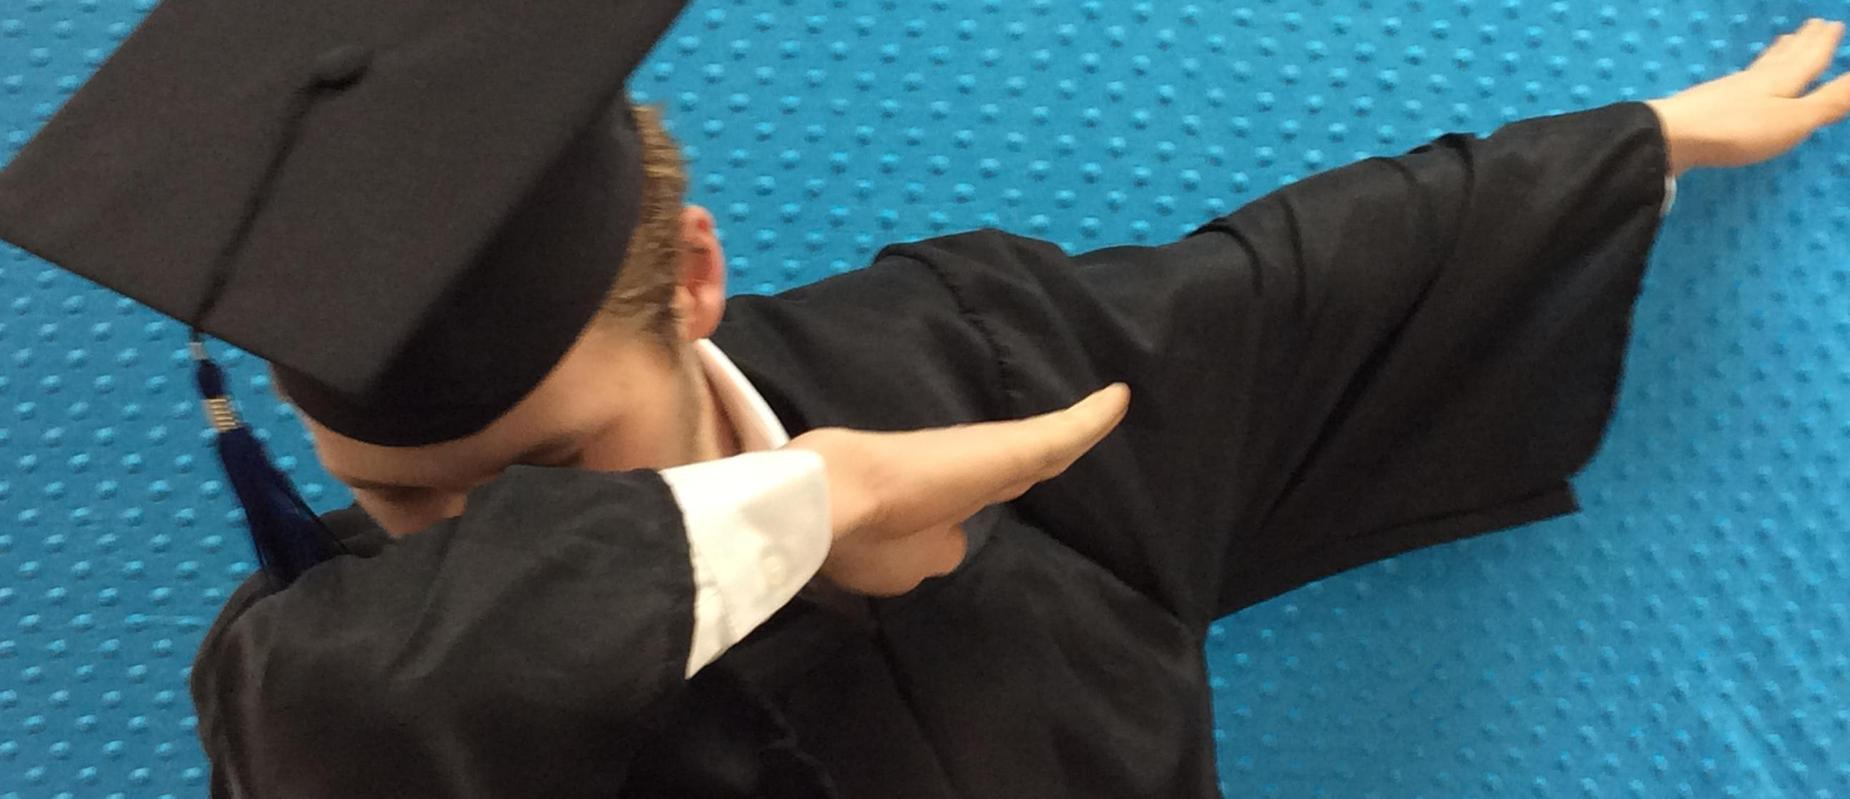 Graduate Having Fun